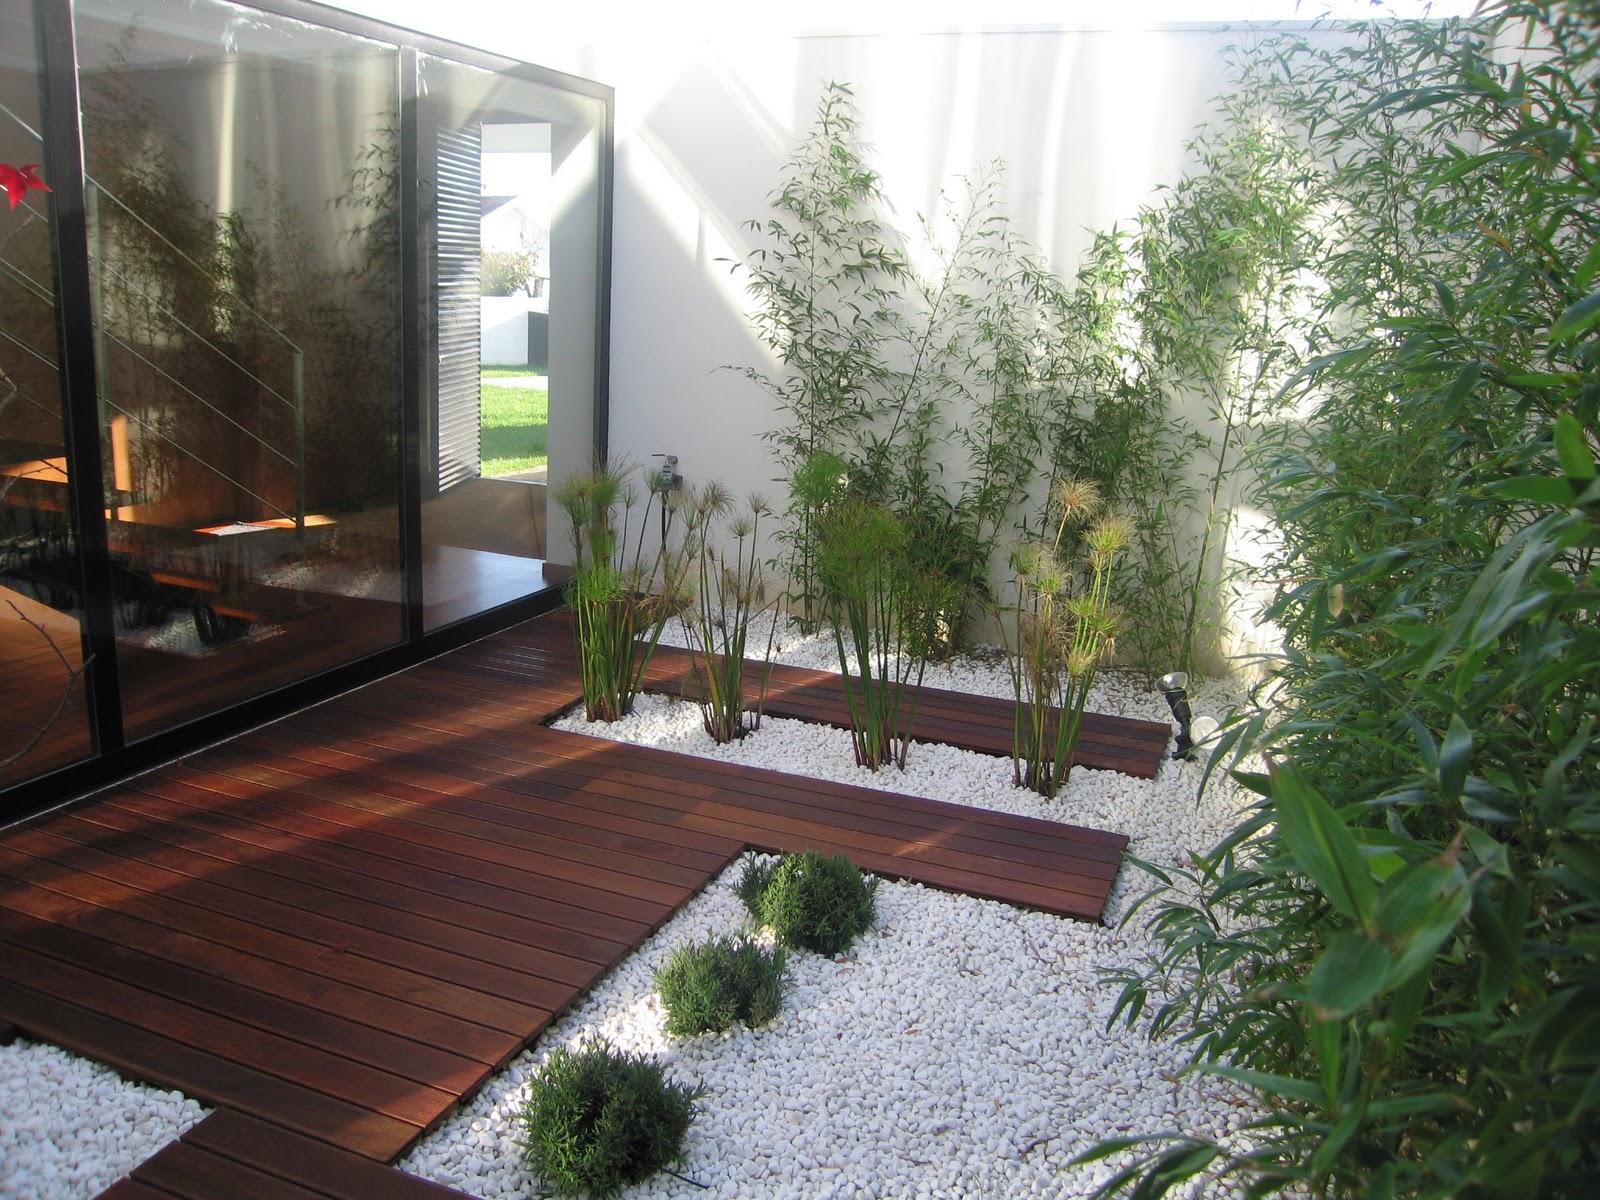 ideias jardins moradias : ideias jardins moradias:Jardim De Inverno